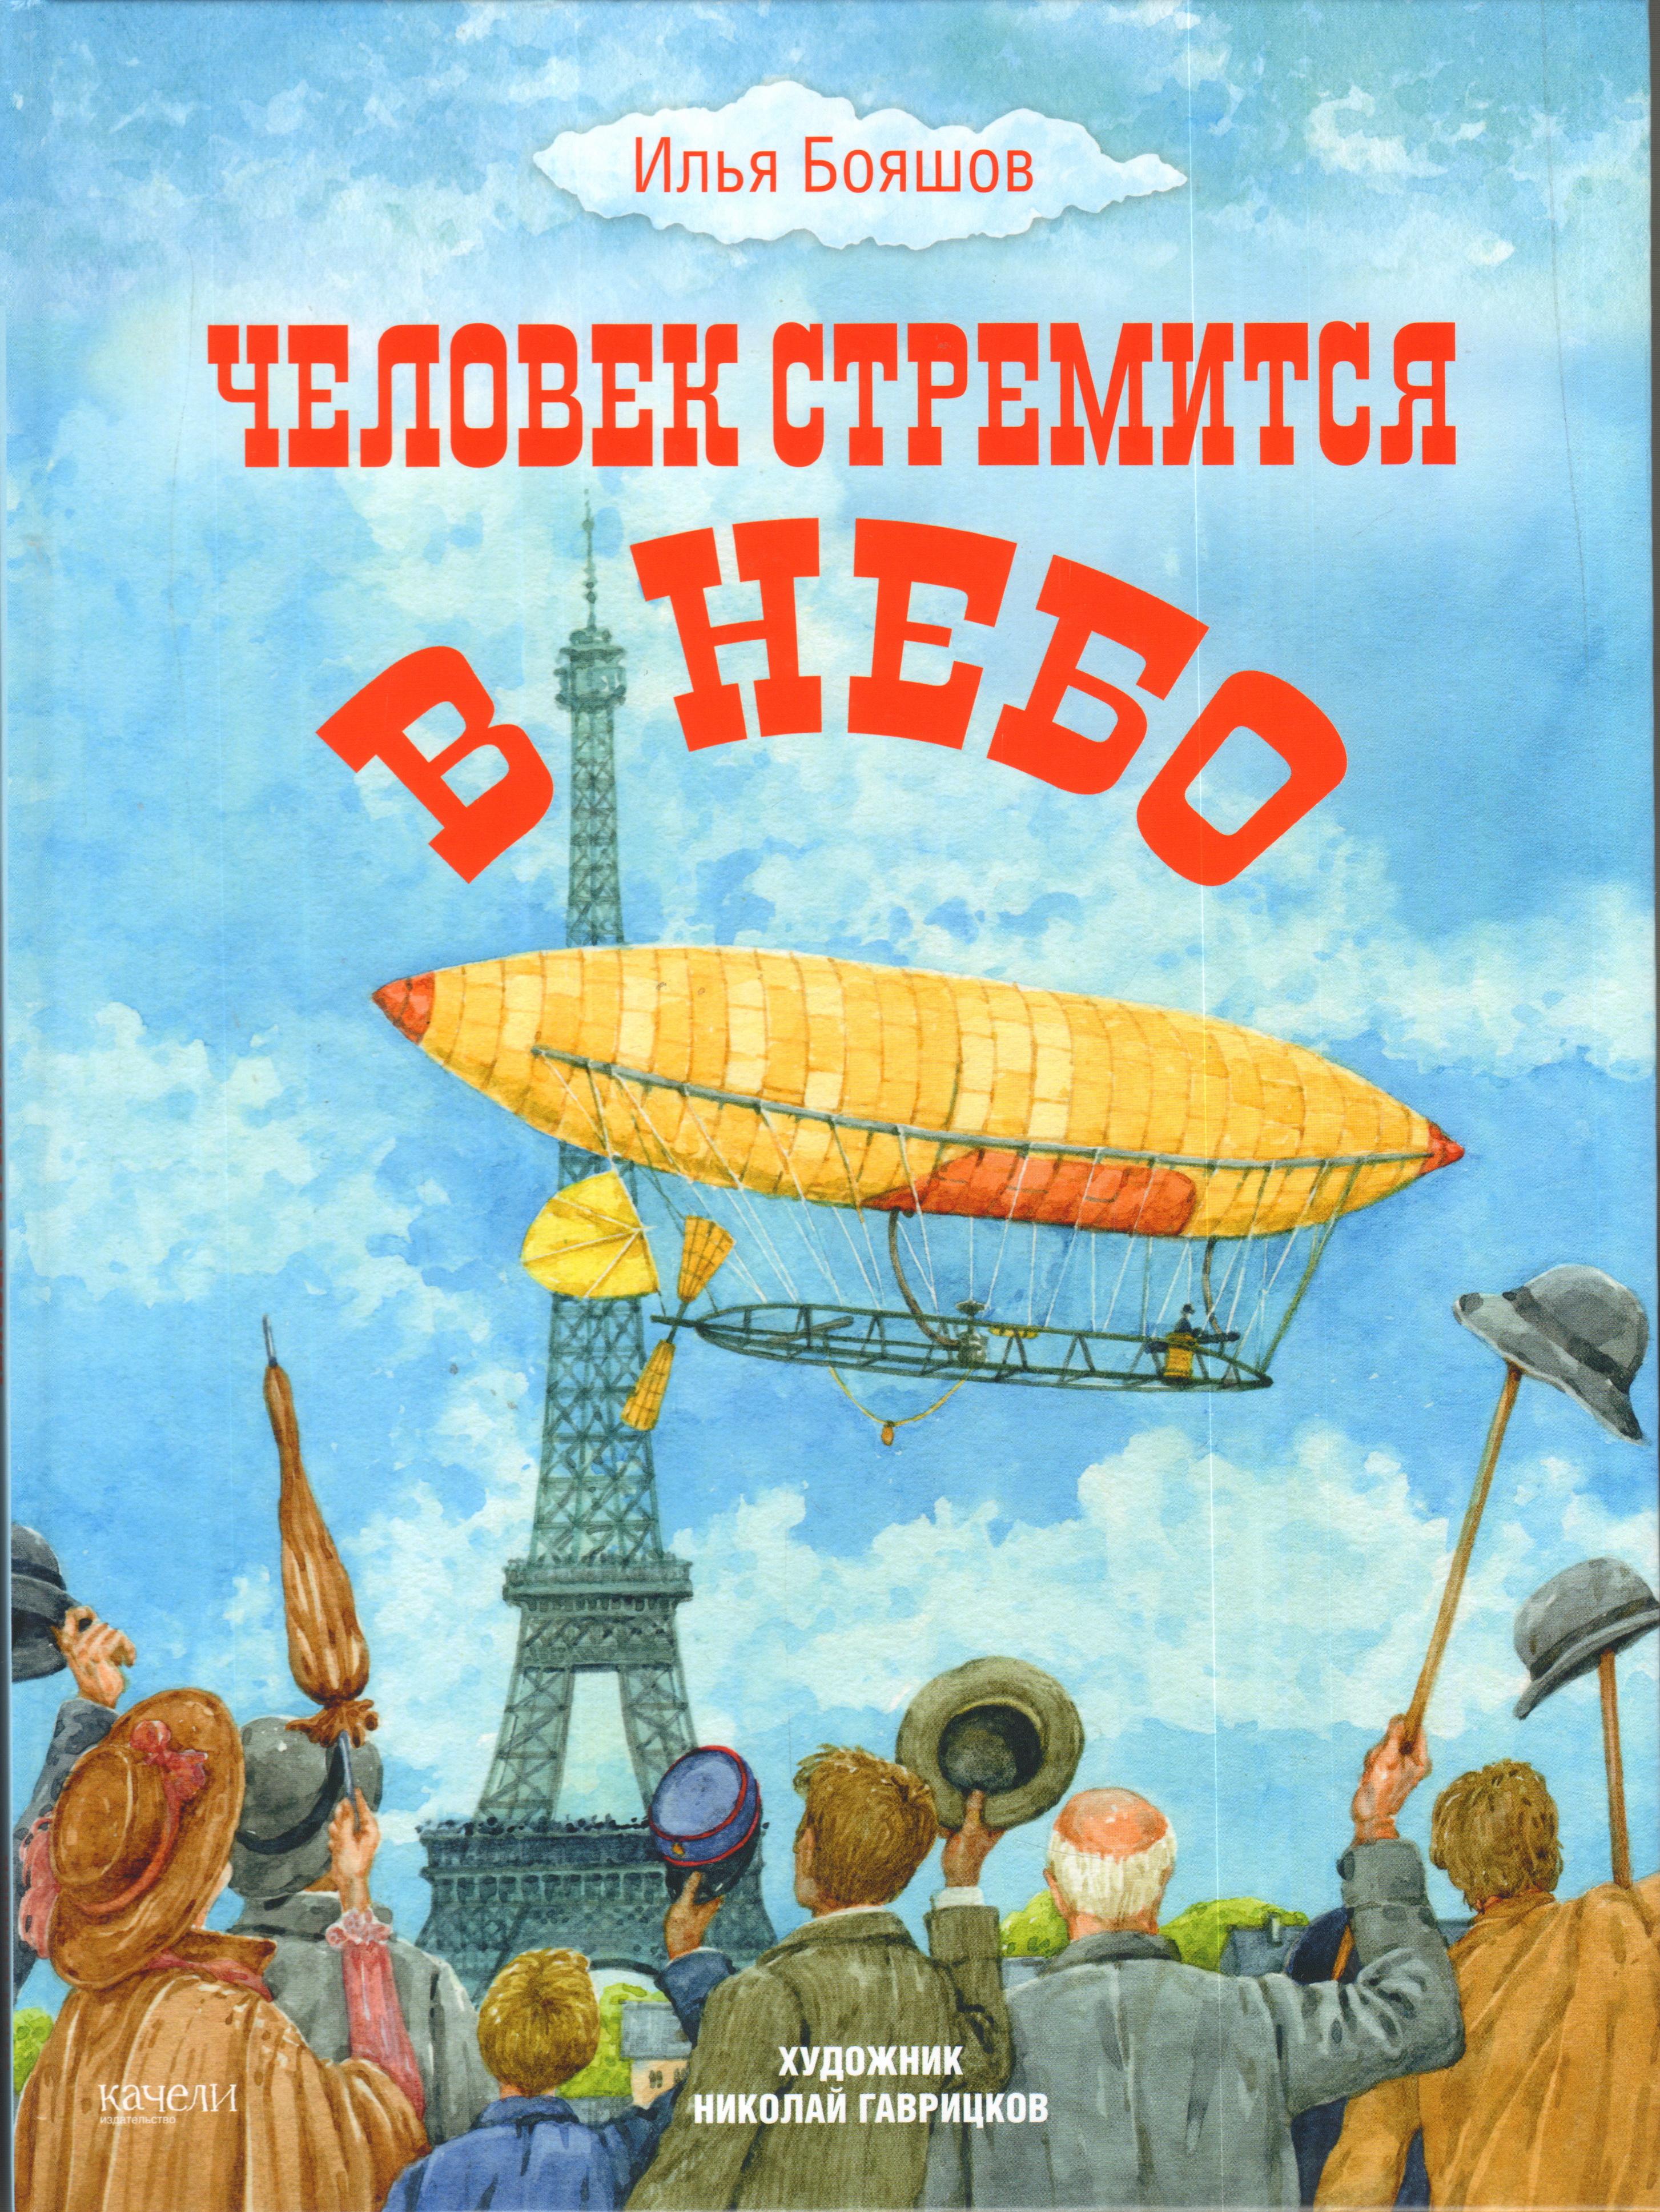 Купить Человек стремится в небо, Илья Бояшов, 978-5-9908303-3-2